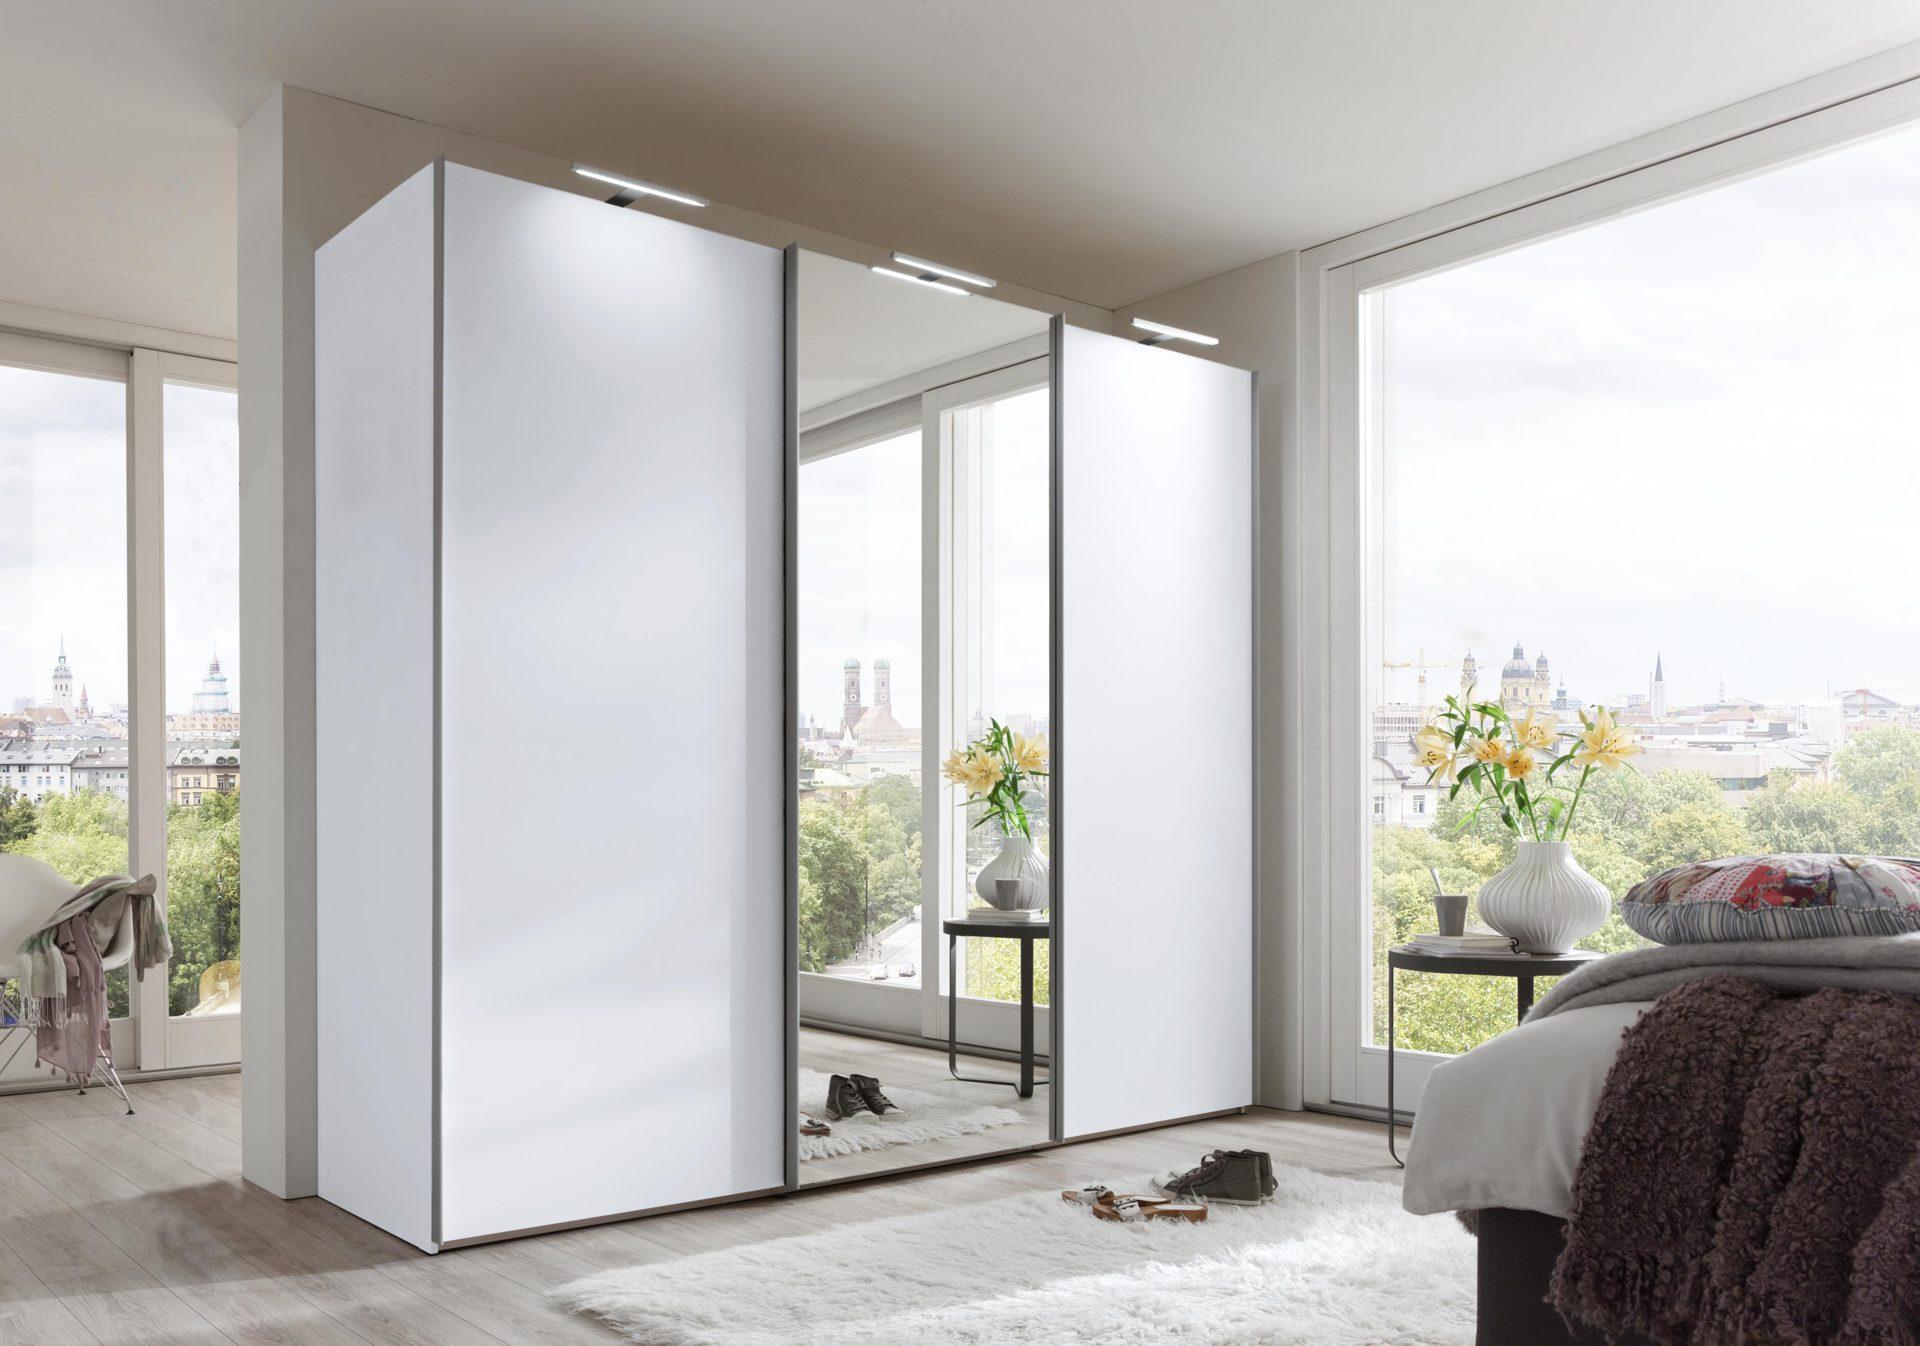 Möbel Eilers Apen, Räume, Schlafzimmer, Kleiderschränke, nolte ...